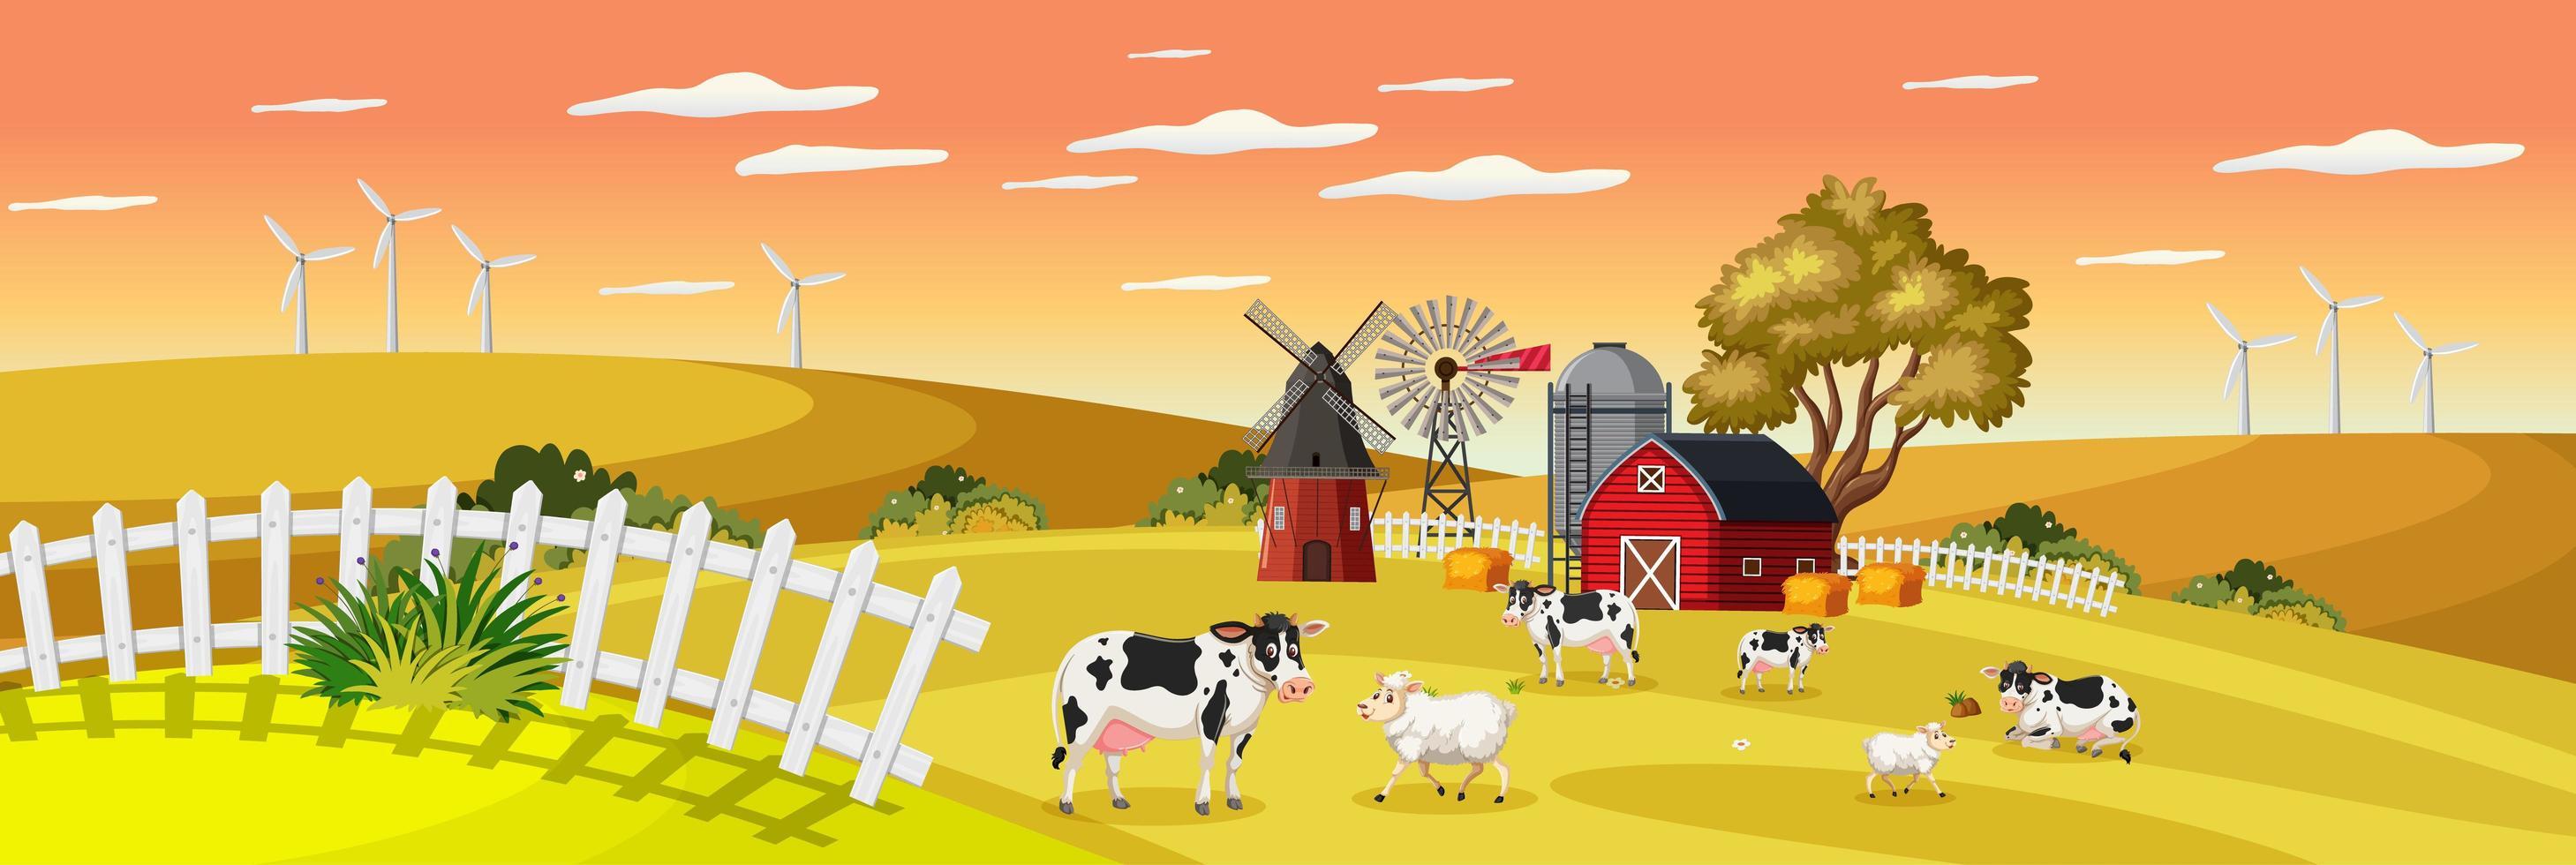 gårdlandskap med djurgård i fält och röd ladugård under höstsäsongen vektor